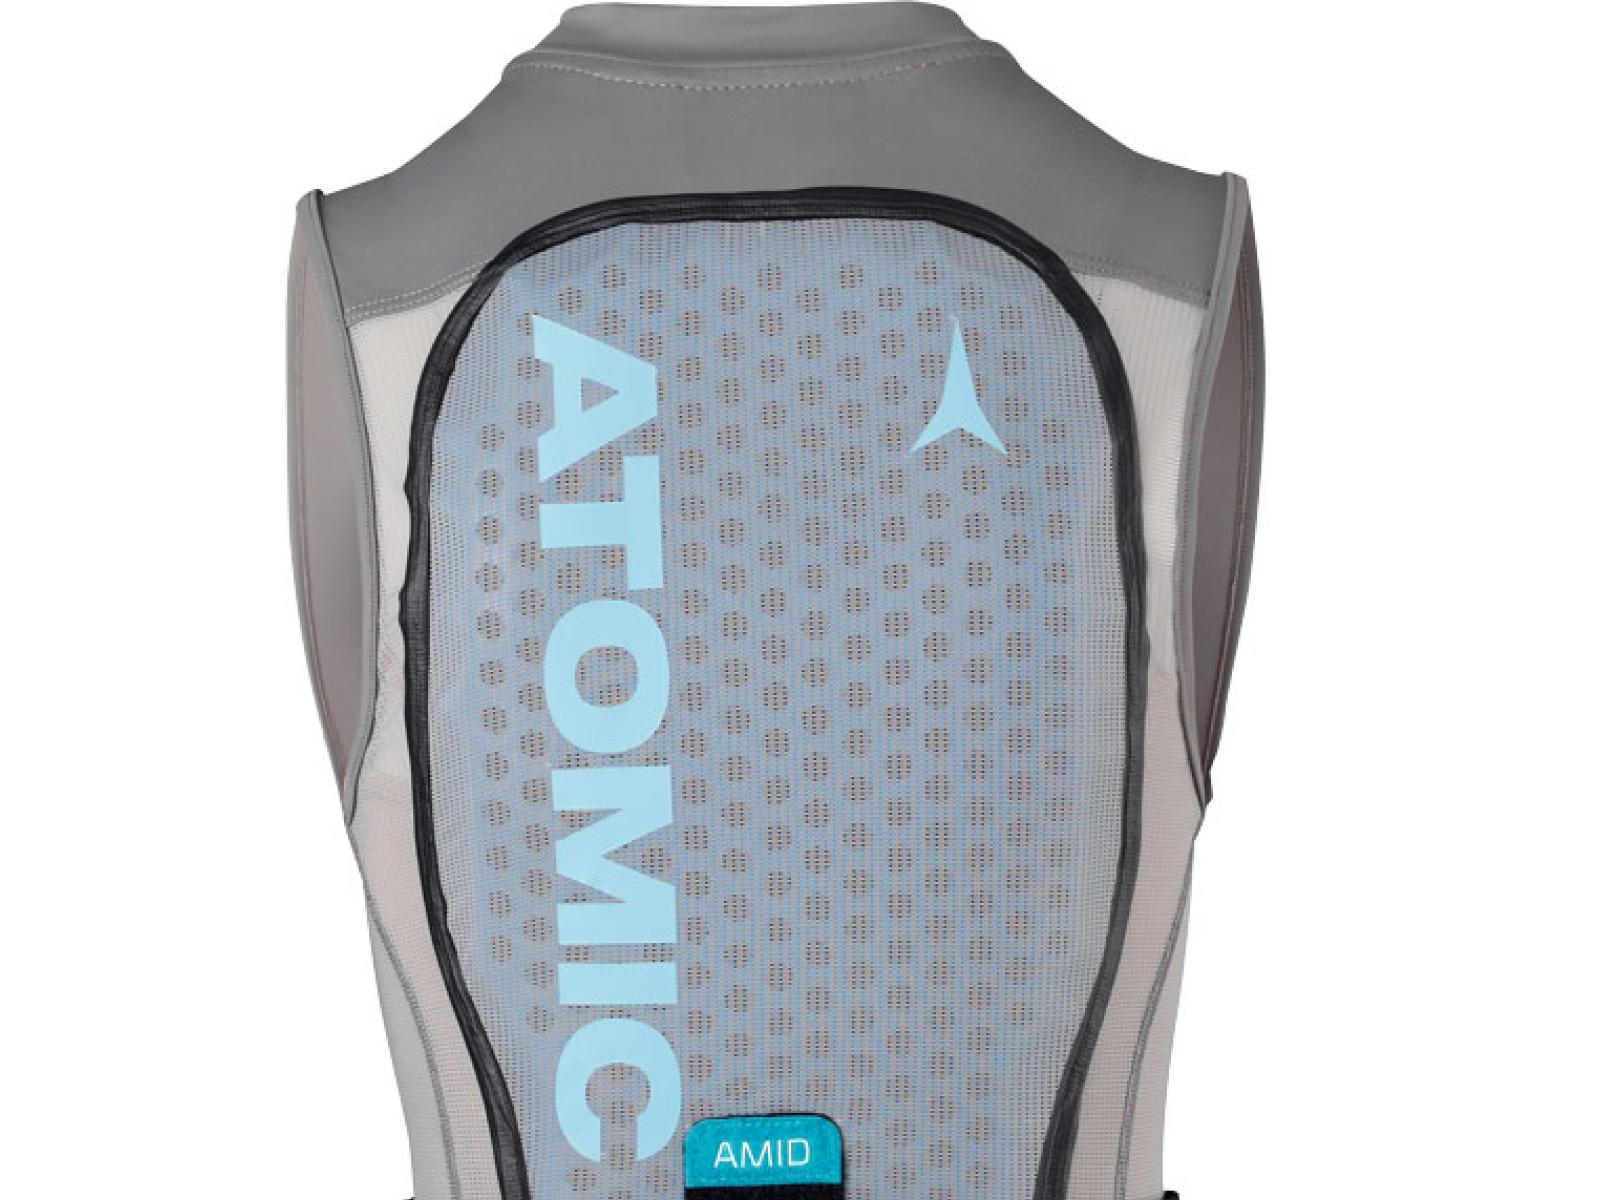 Atomic Live Shield Vest Amid W Velikost chrániče: XS 2019/2020